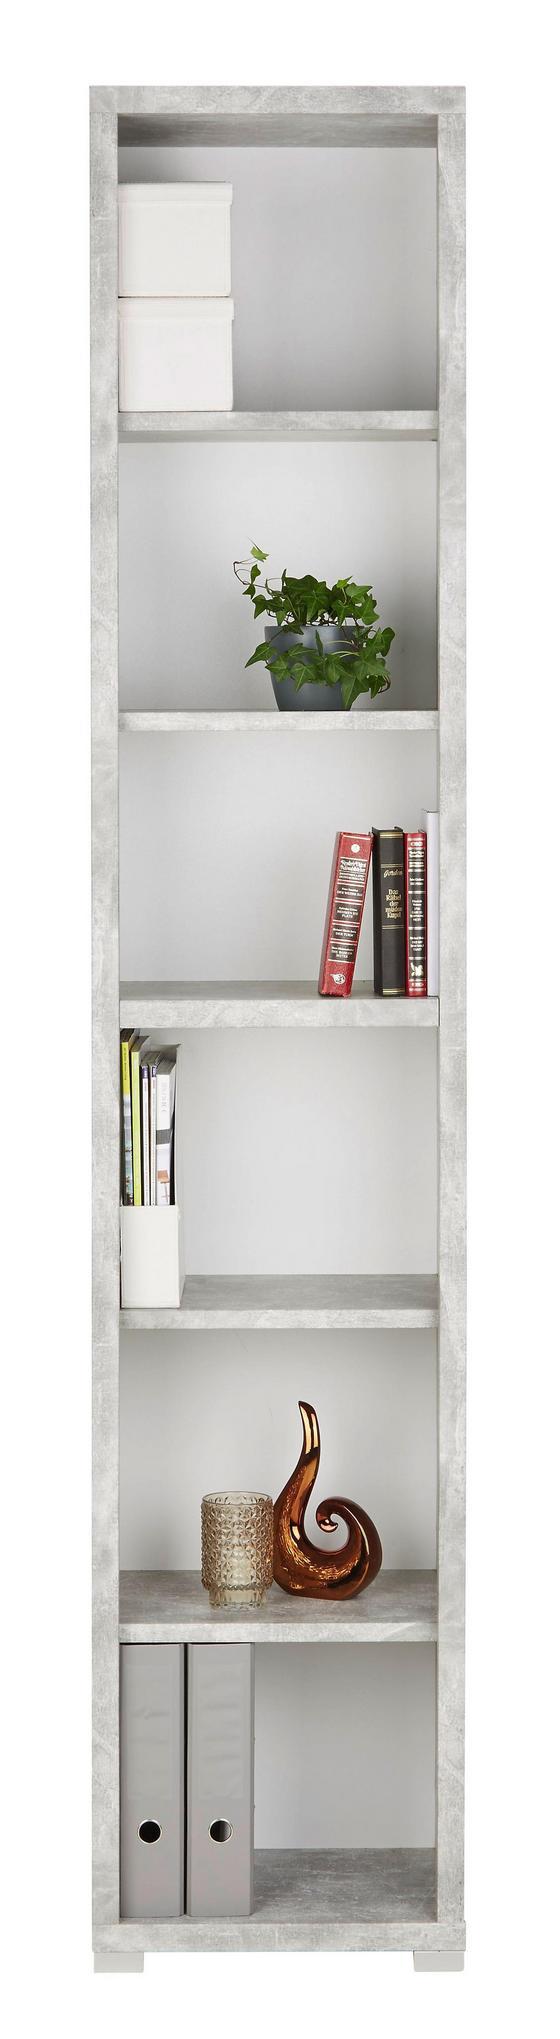 Regál Line4 - bílá/šedá, Moderní, kompozitní dřevo (44/218/36cm)